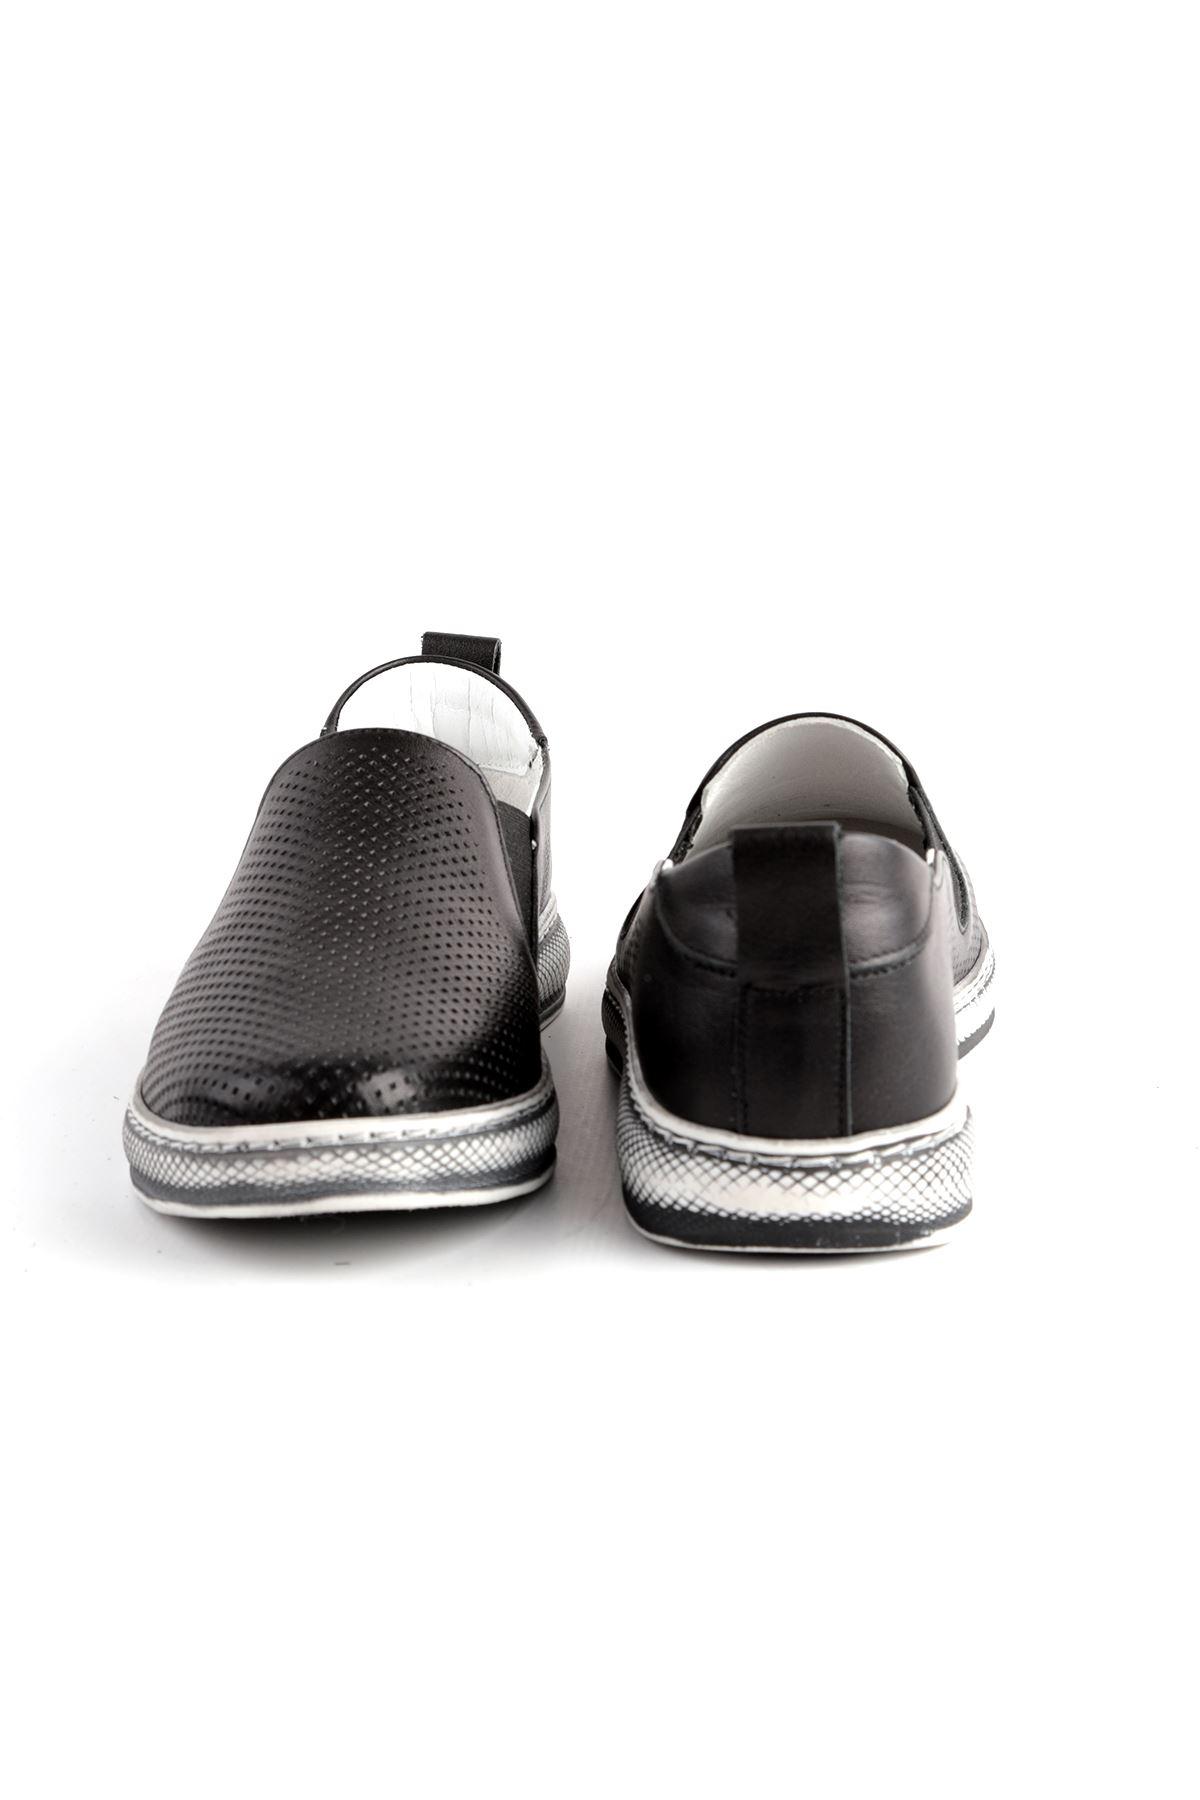 LİBERO L17.2065 Bayan Siyah  Babet Ayakkabı